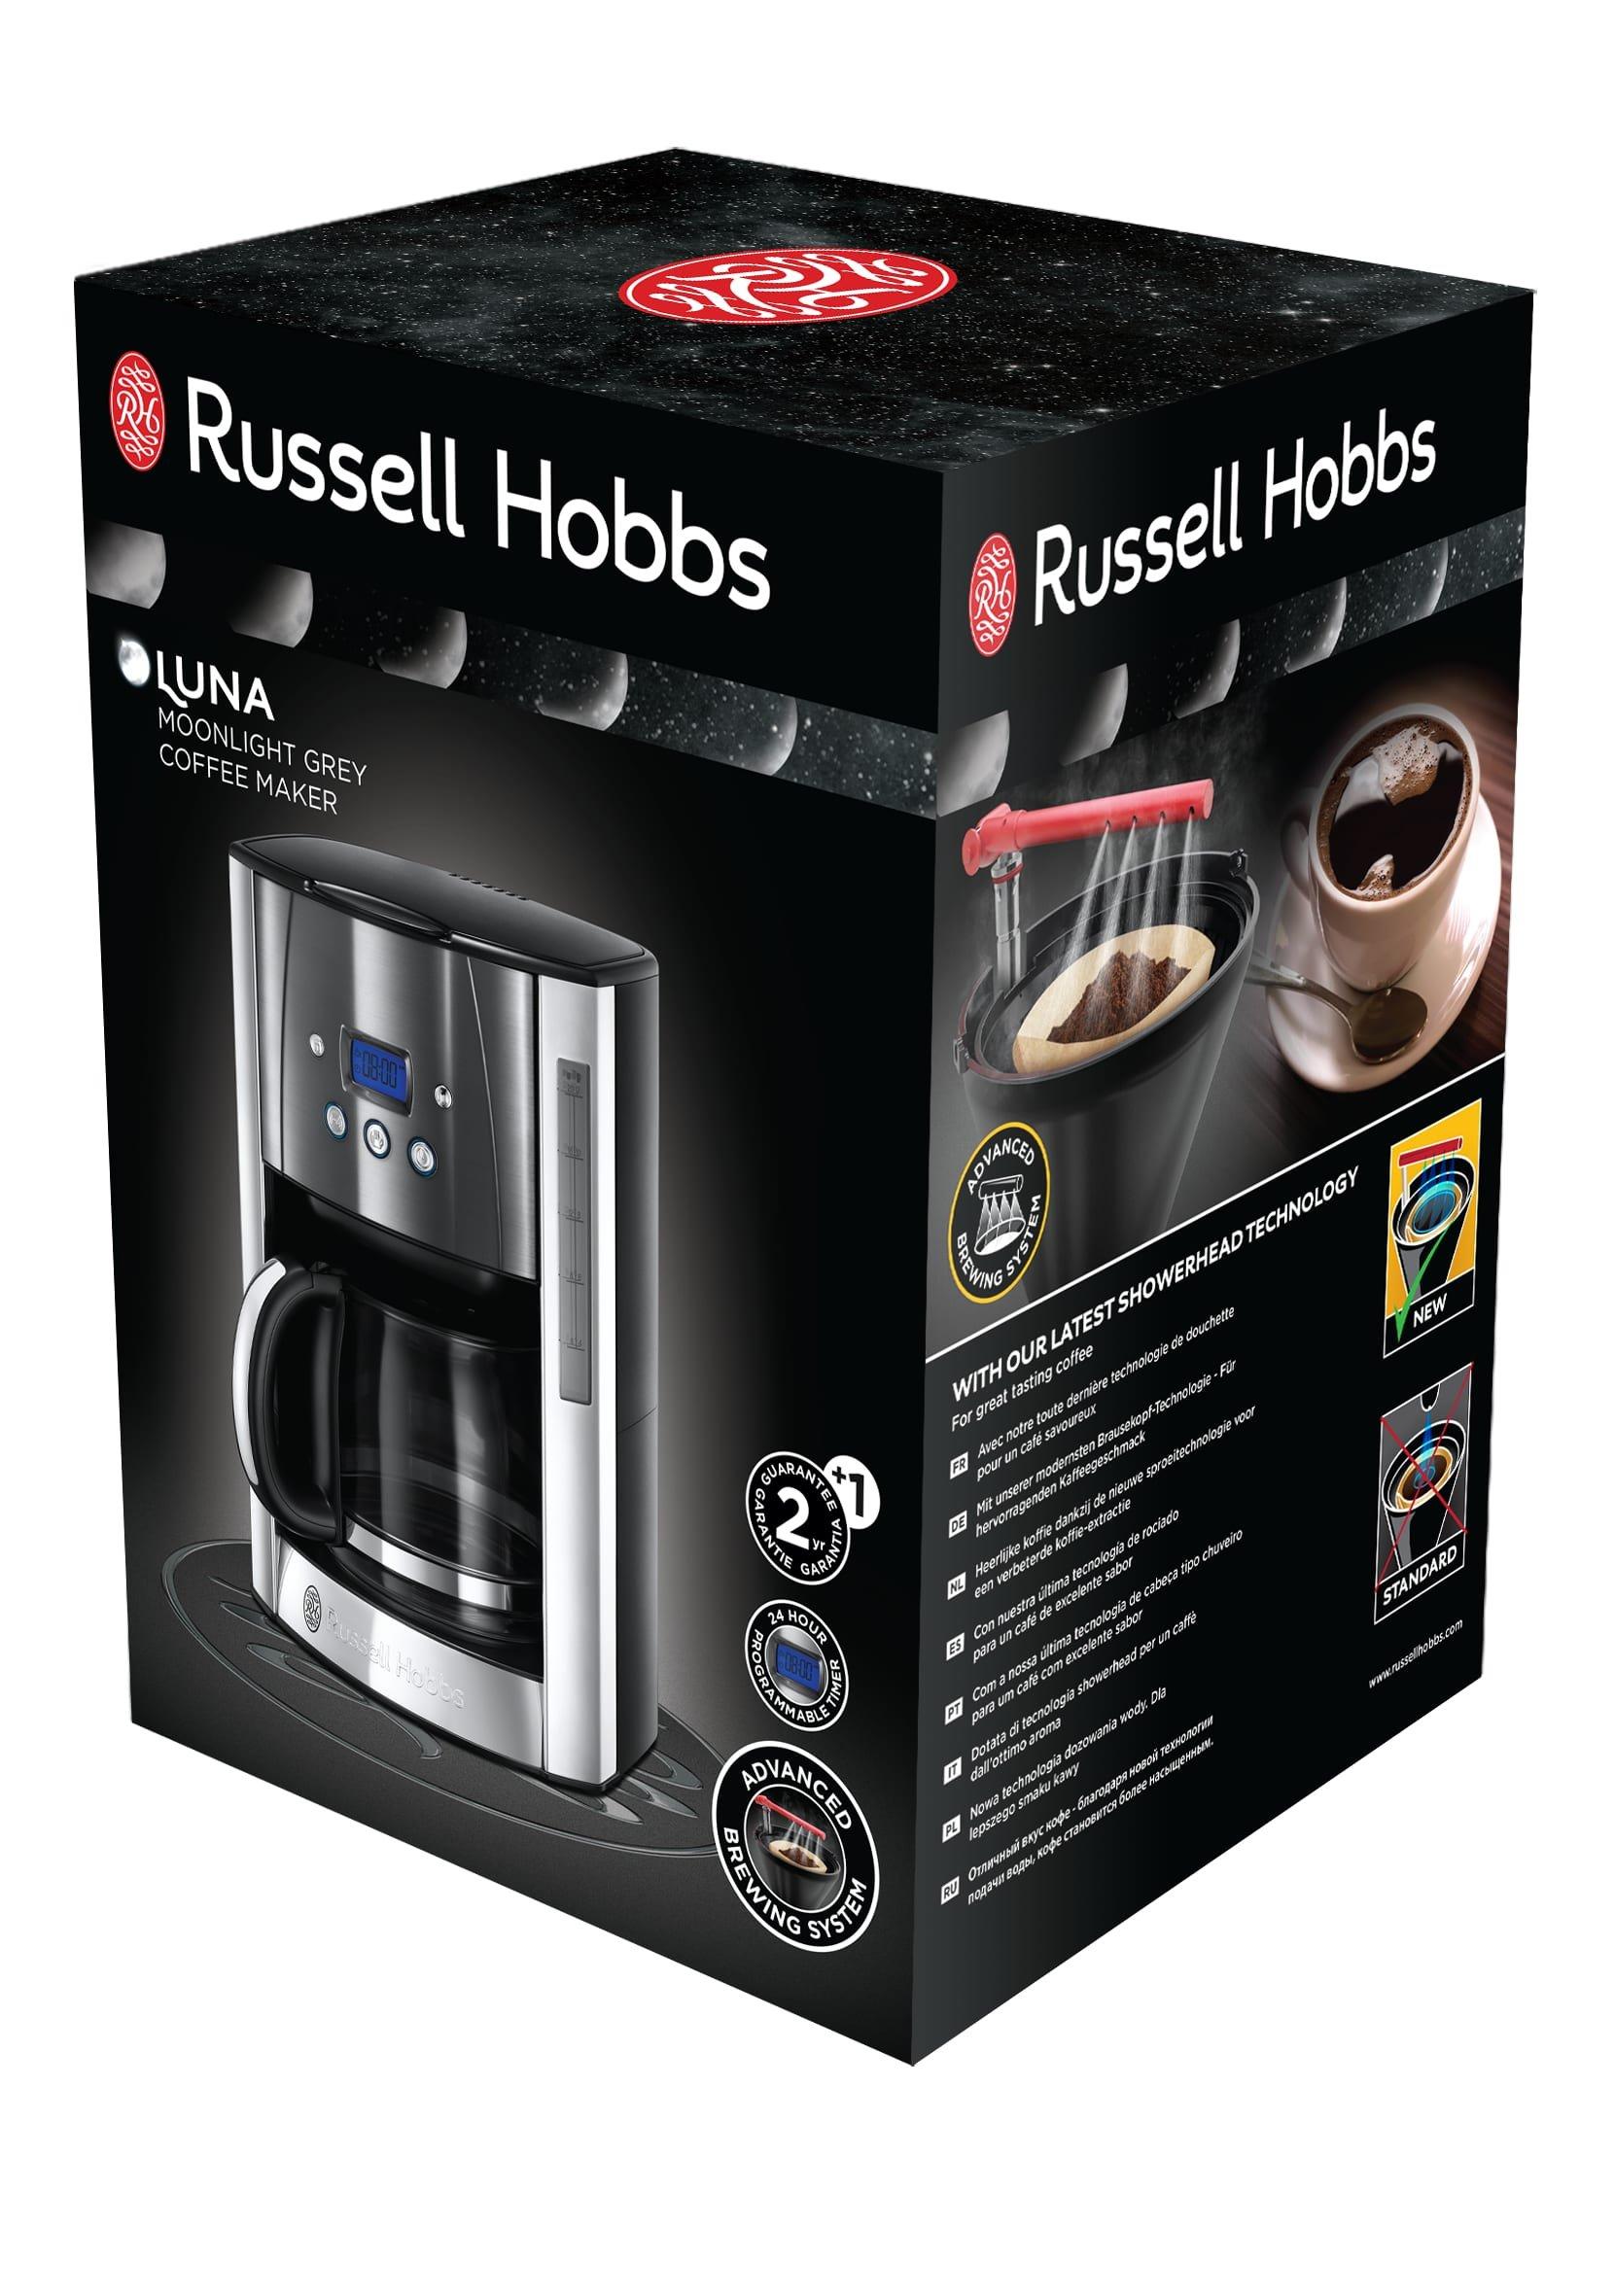 Russell-Hobbs-Luna-Moonlight-Grey